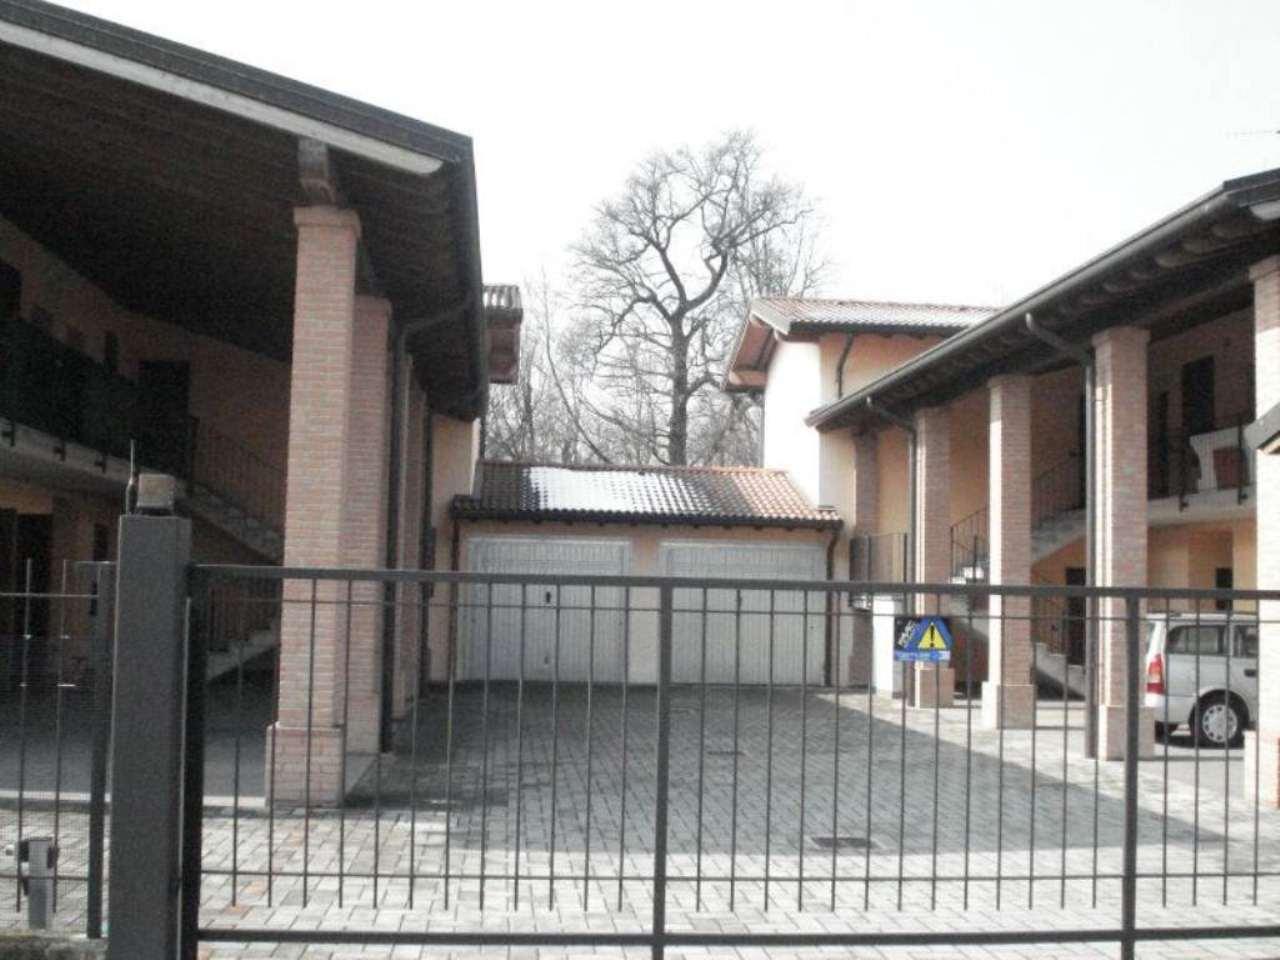 Palazzo Pignano Vendita APPARTAMENTO Immagine 2